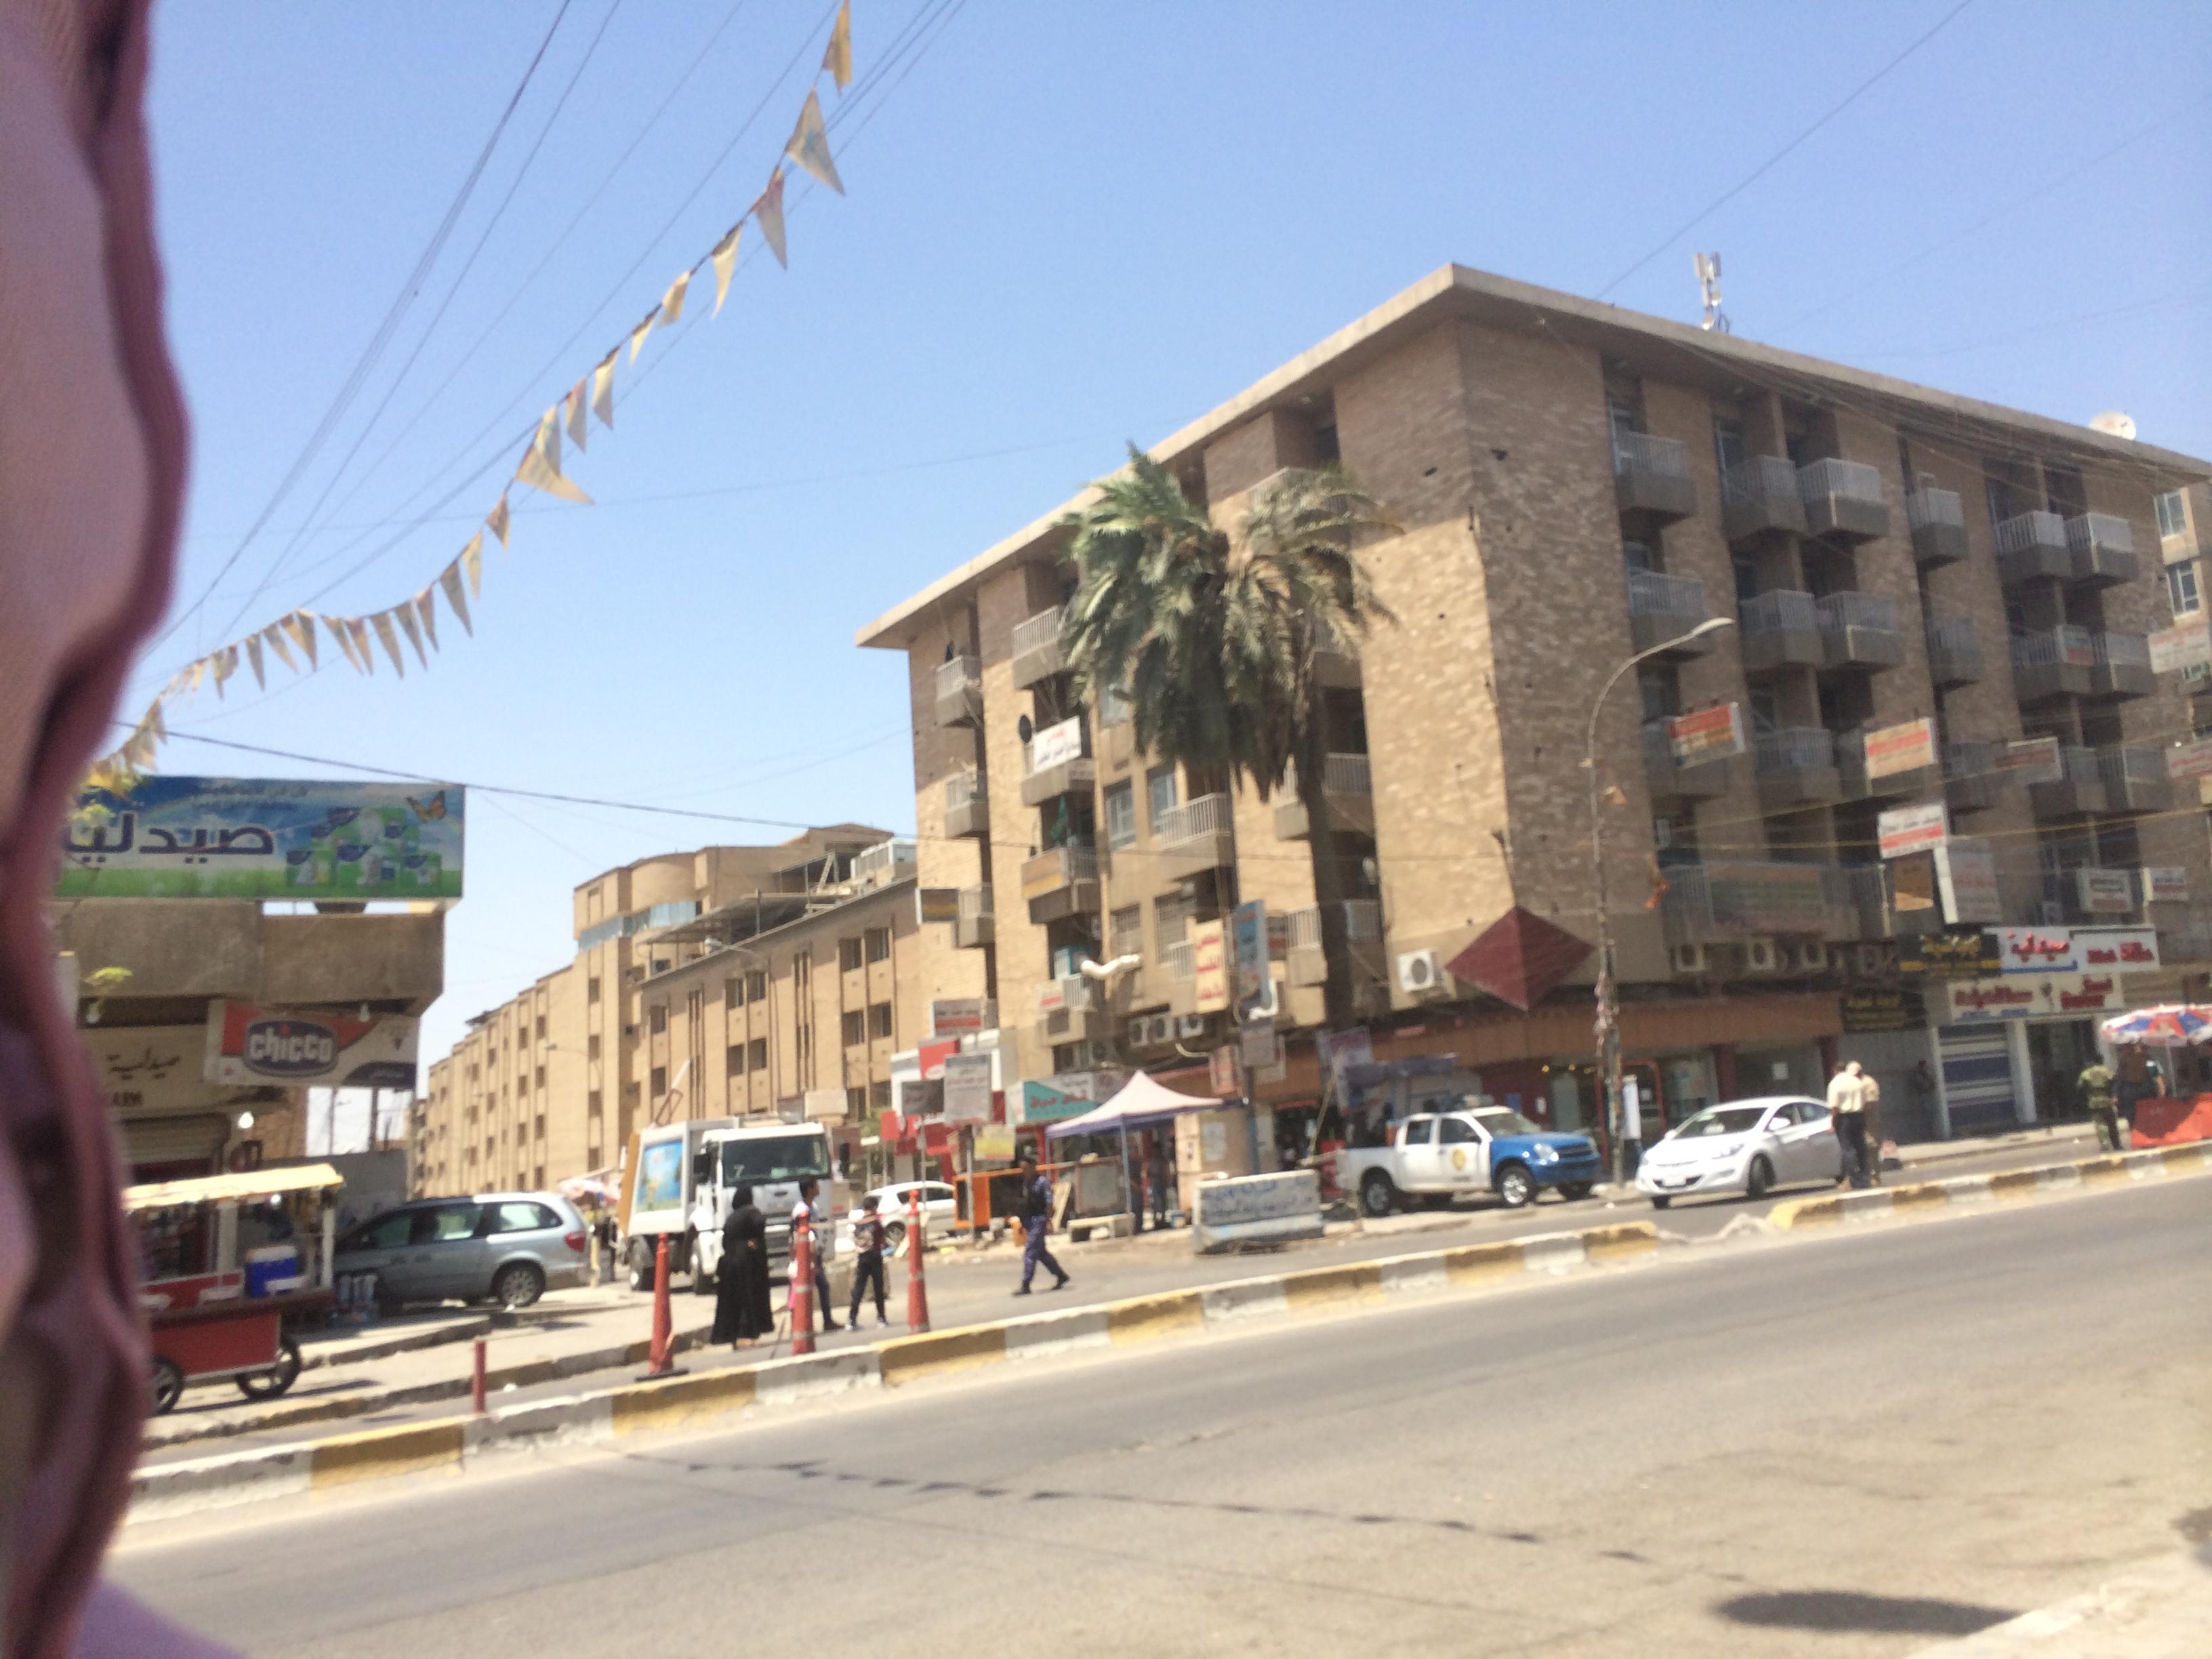 Bagdad, ce mercredi. On dénombre plus de 500 check-point rien que dans la capitale irakienne. Image : Intégrales Productions.